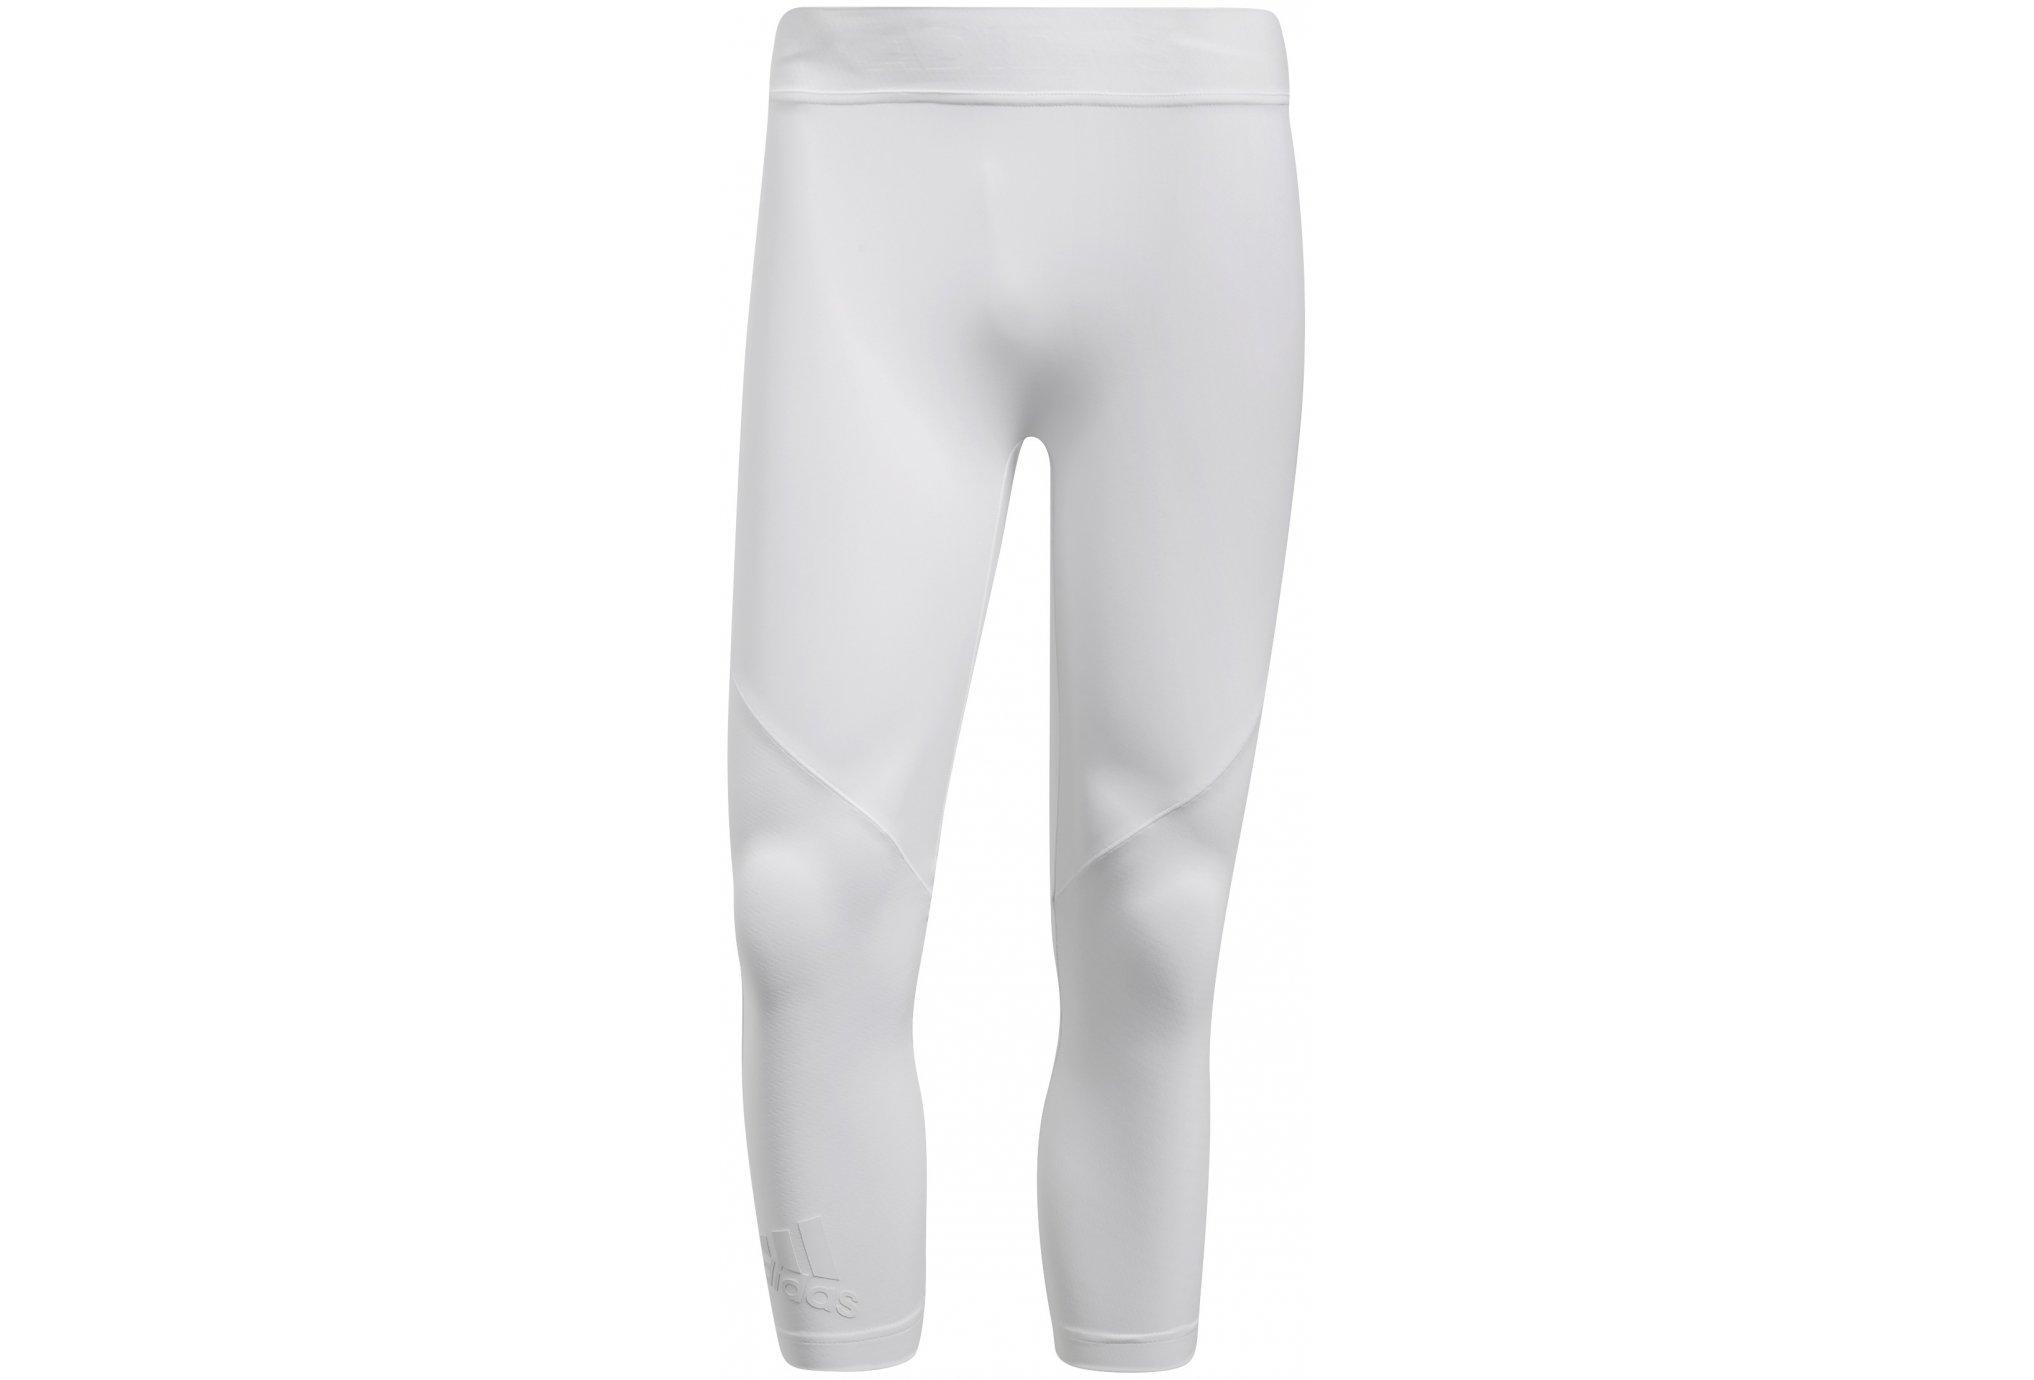 Adidas Alphaskin tech 3/4 m vêtement running homme